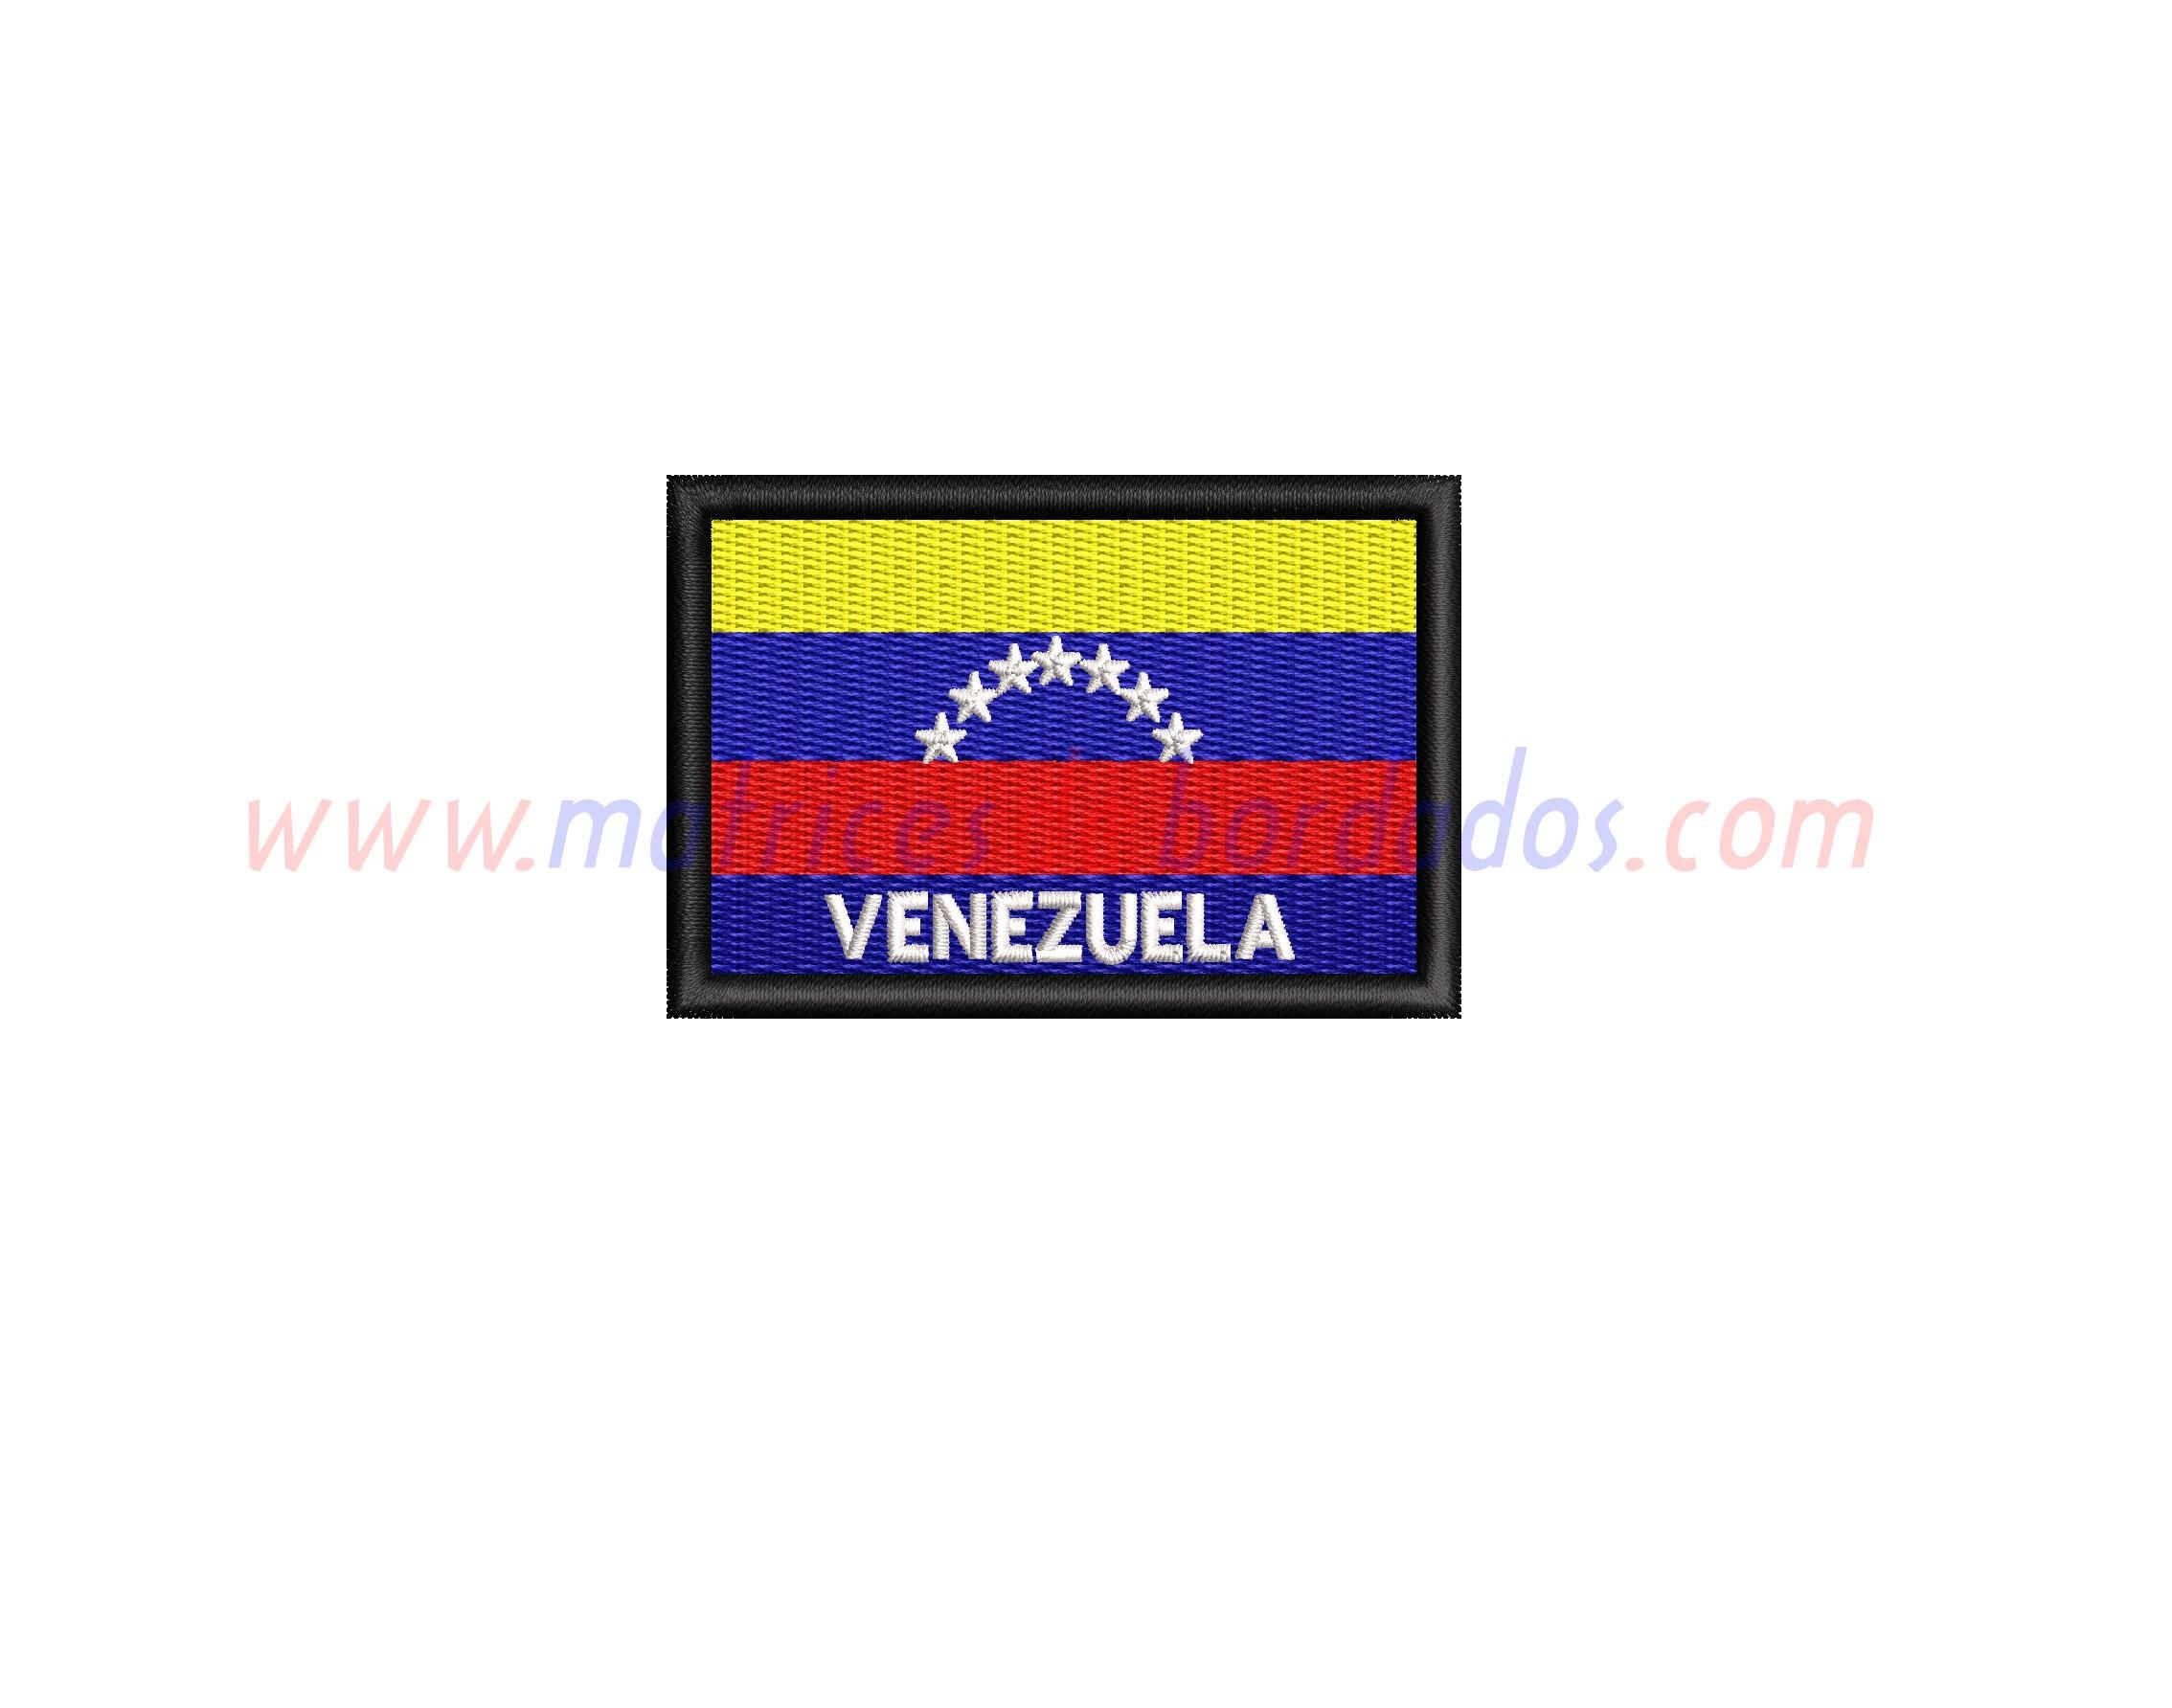 FY35TZ - Venezuela